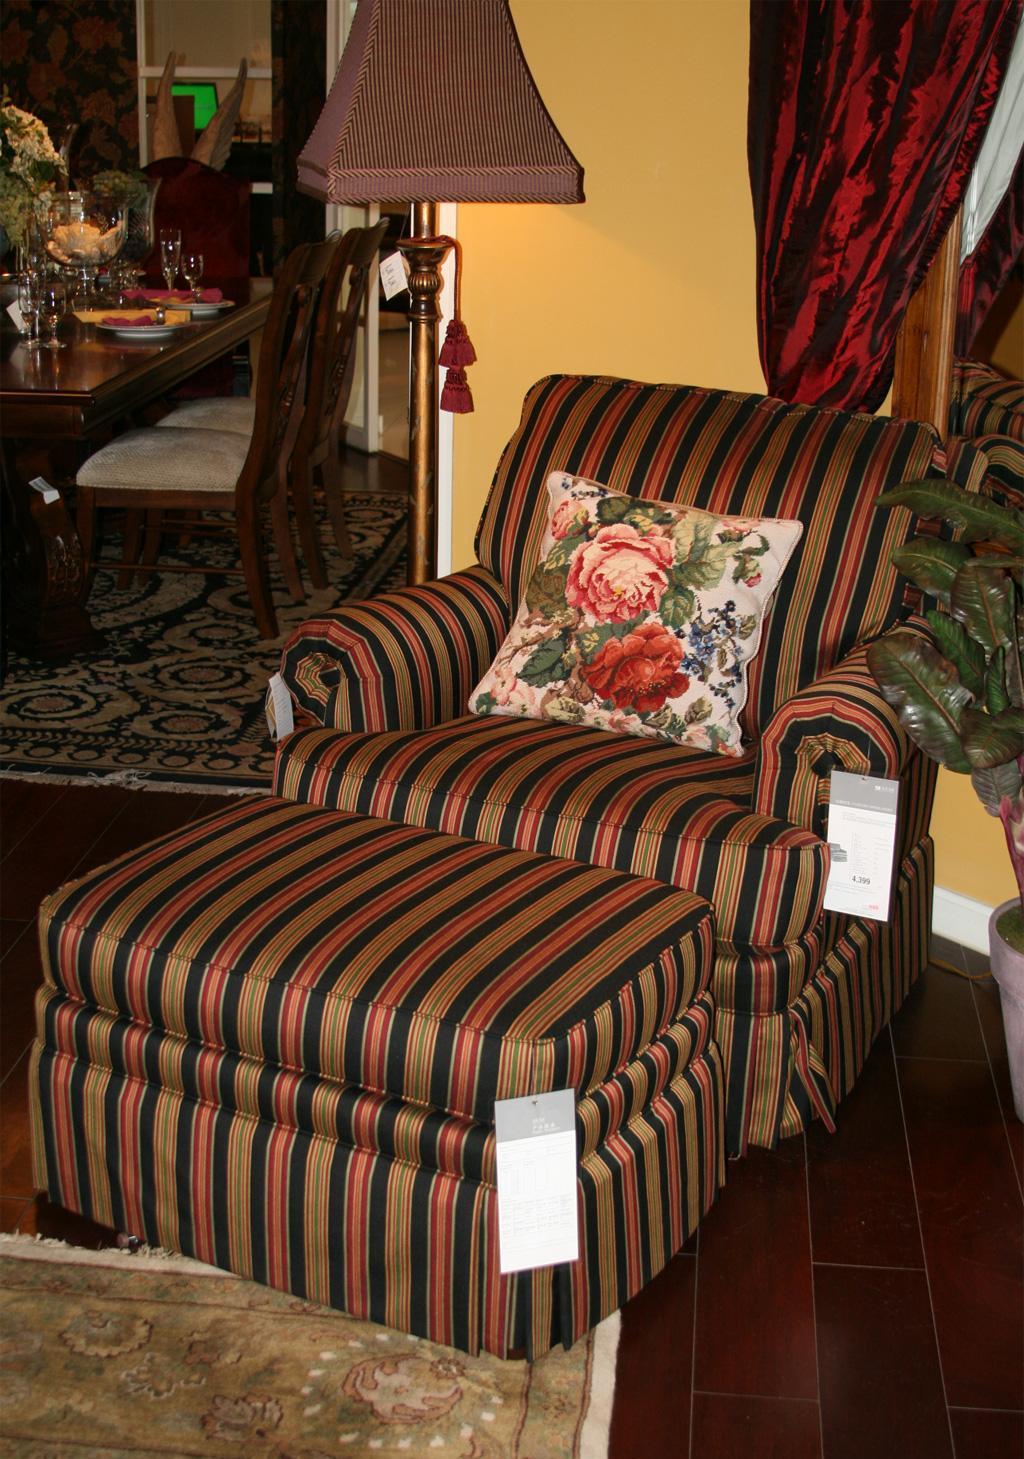 美克美家MK7504-3DP 2P571 9布艺单人沙发MK7504-3DP 2P571 9